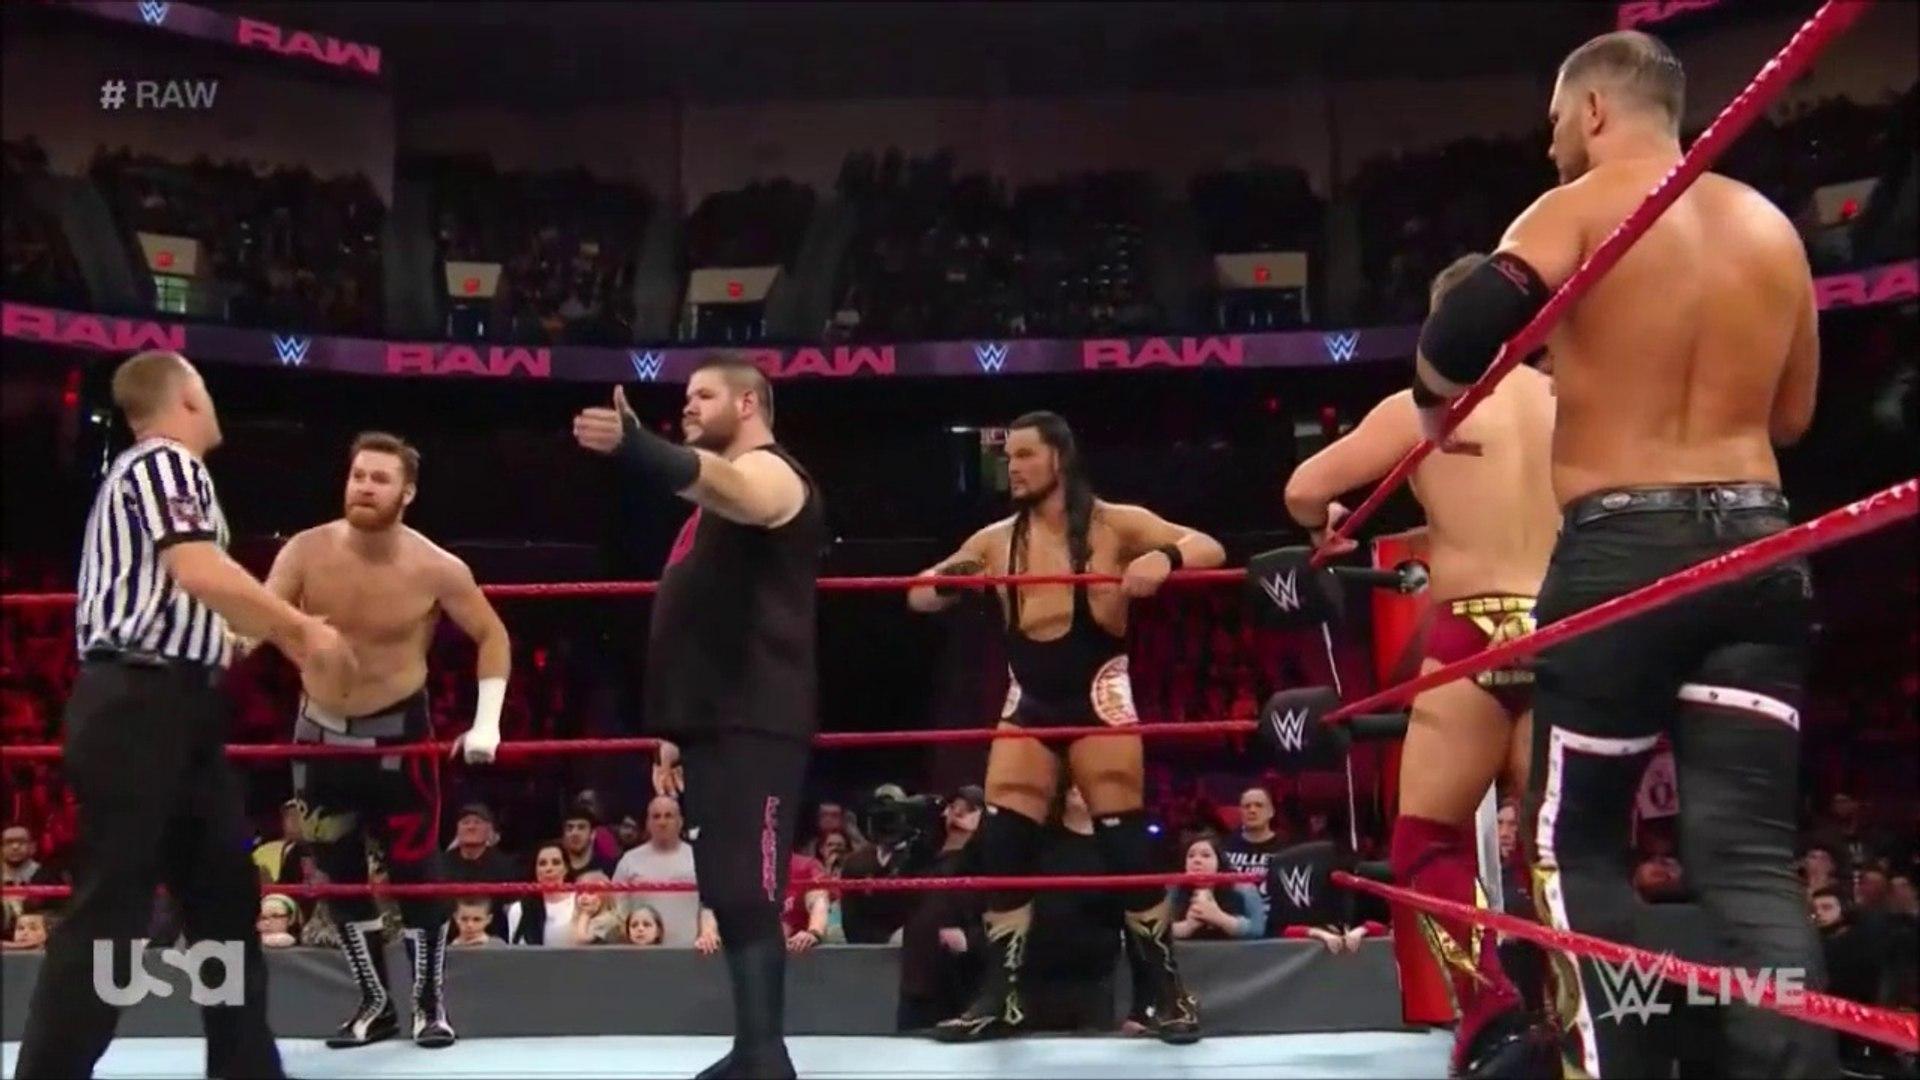 Raw: Seth Rollins, Braun Strowman, Bobby Lashley, Finn Bálor & Bobby Roode vs Sami Zayn, Kevin O